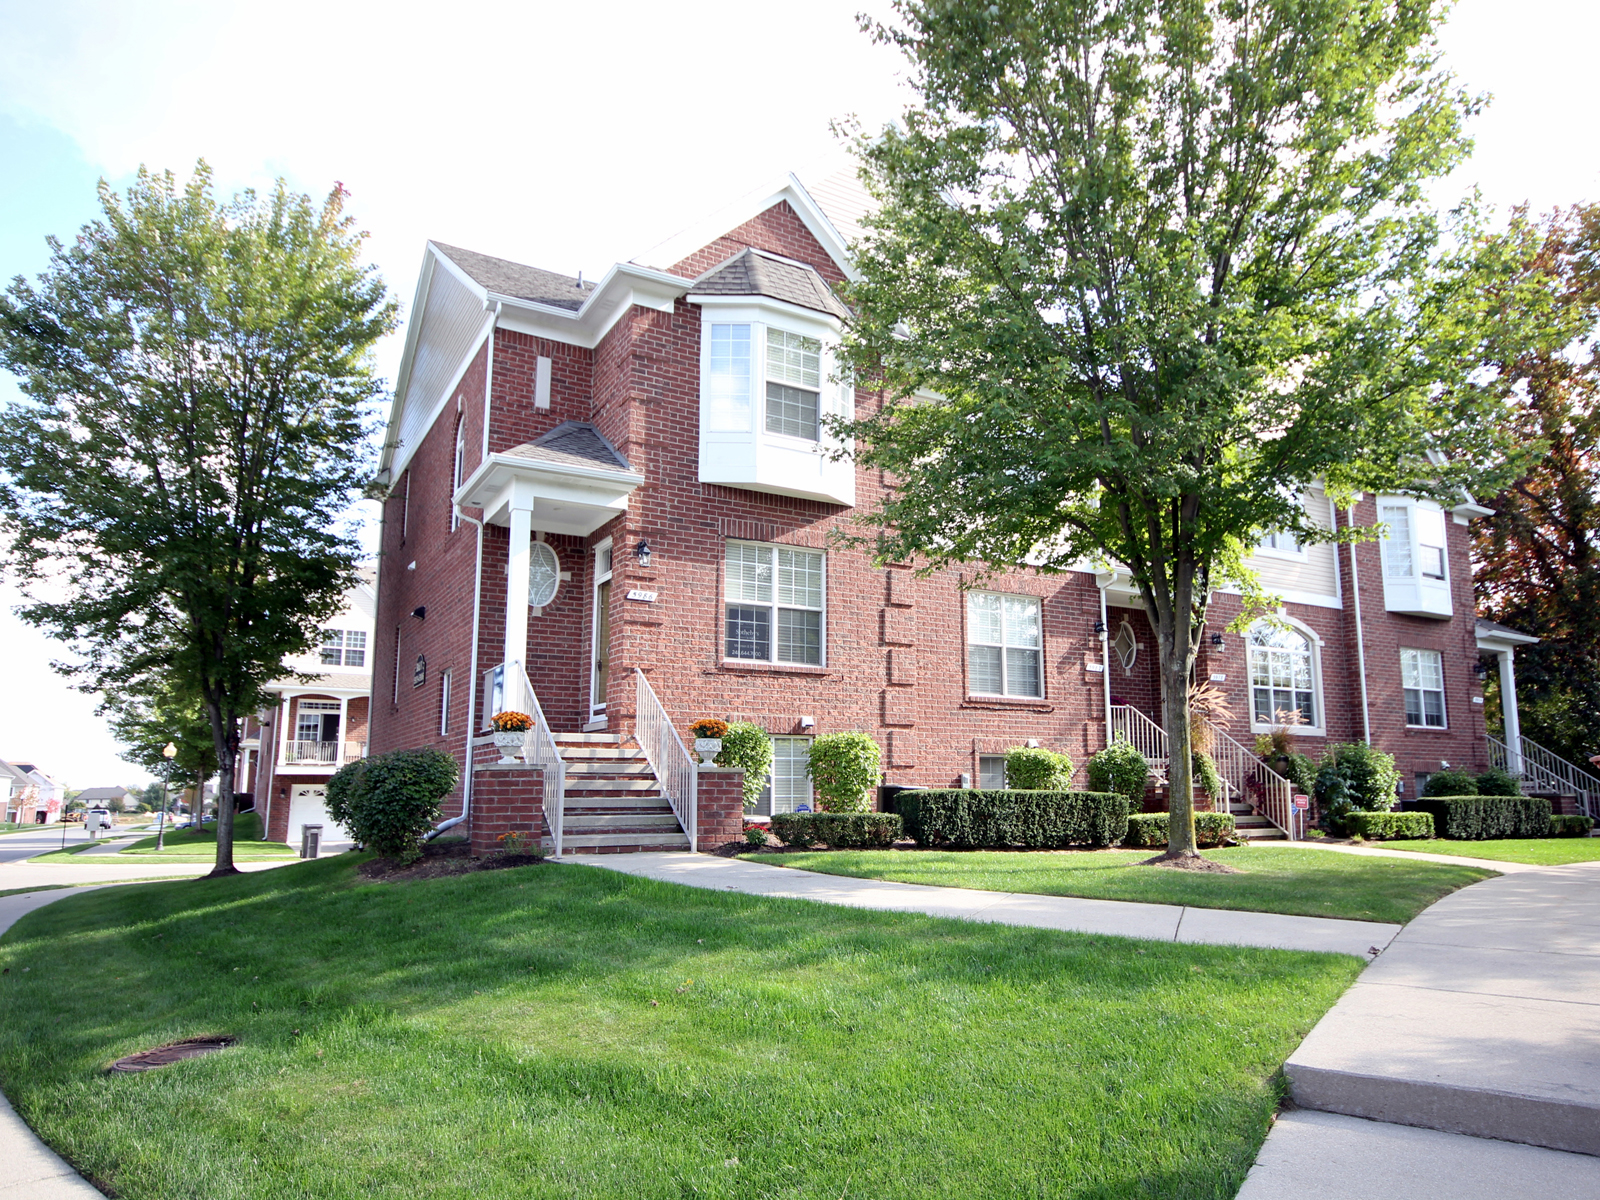 共管式独立产权公寓 为 销售 在 Shelby Township 5986 Windemere Lane Unit 148 Shelby Township, 密歇根州 48316 美国